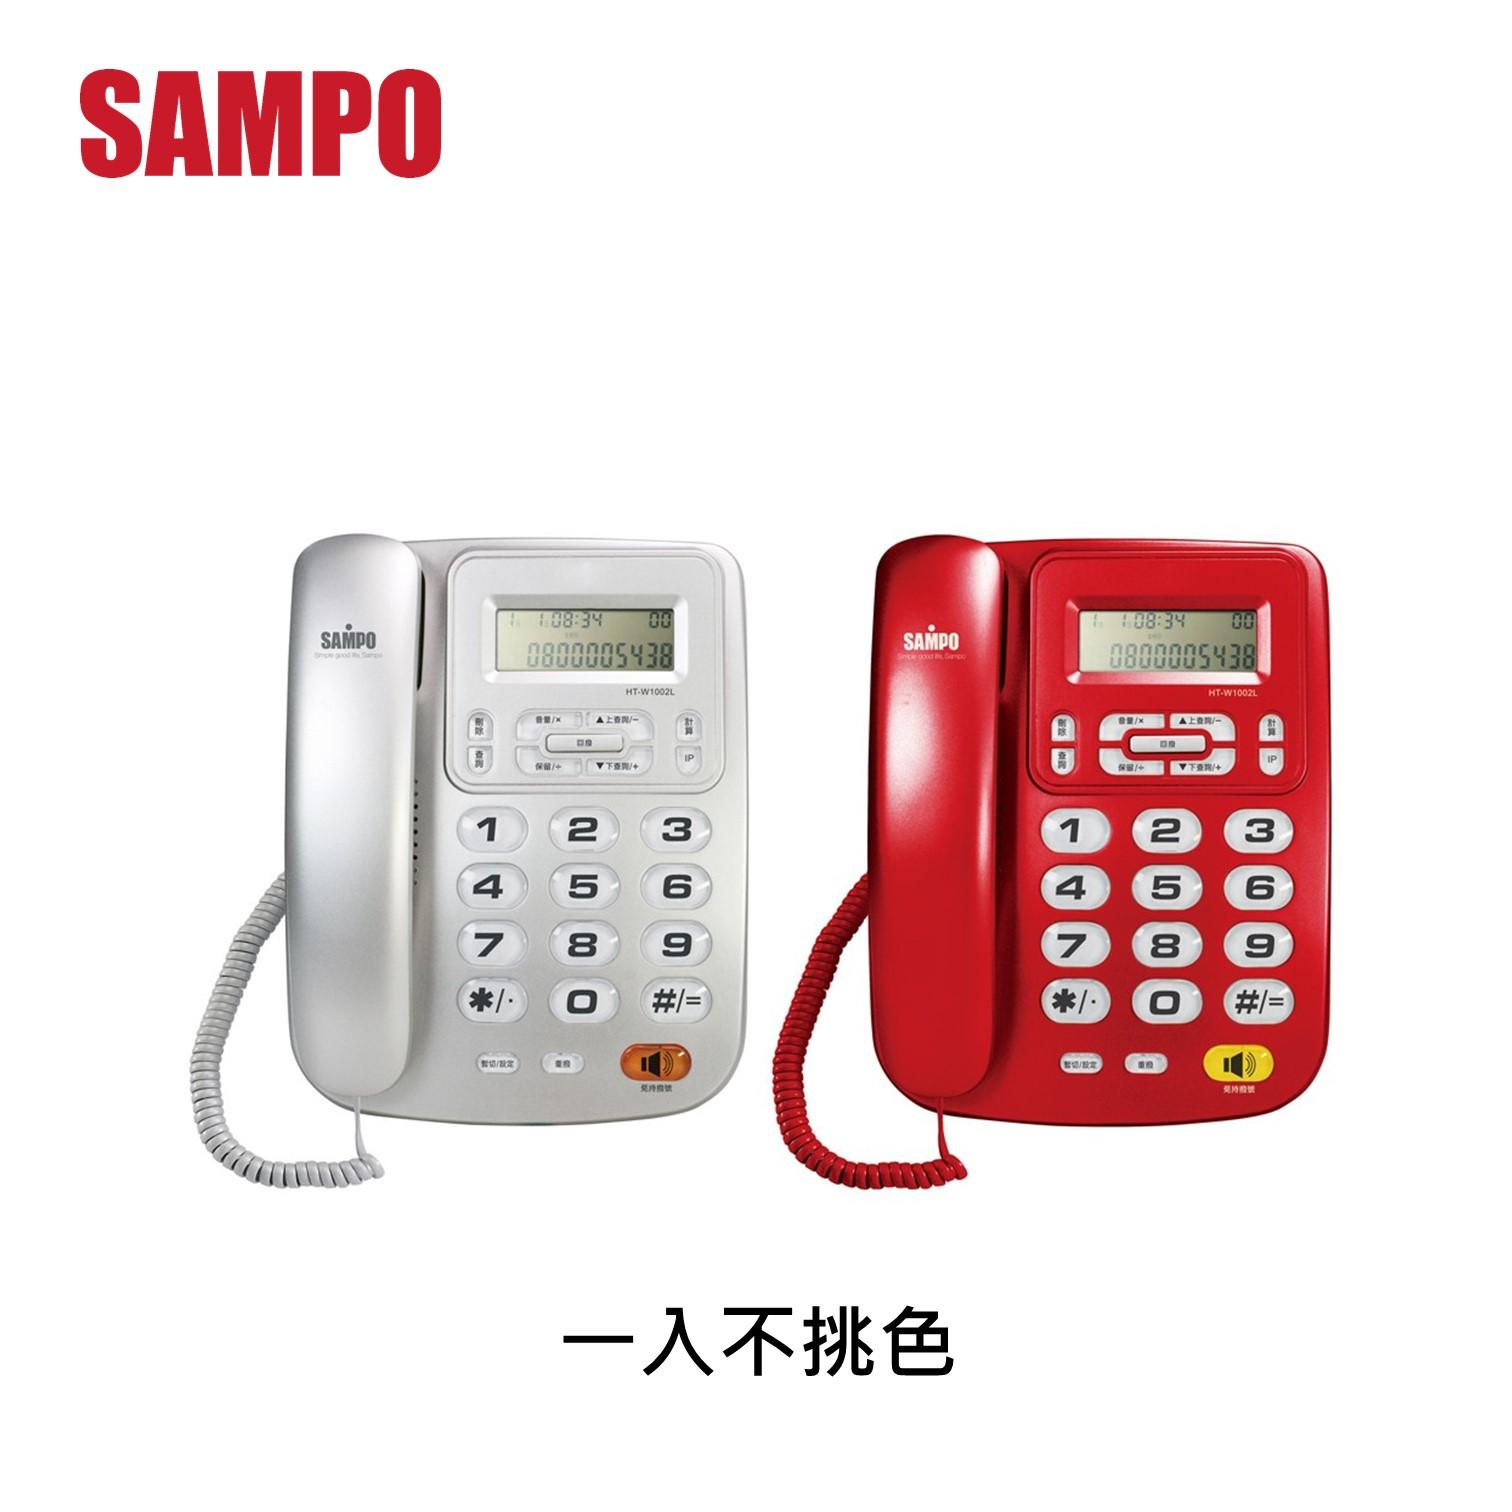 聲寶SAMPO 有線電話